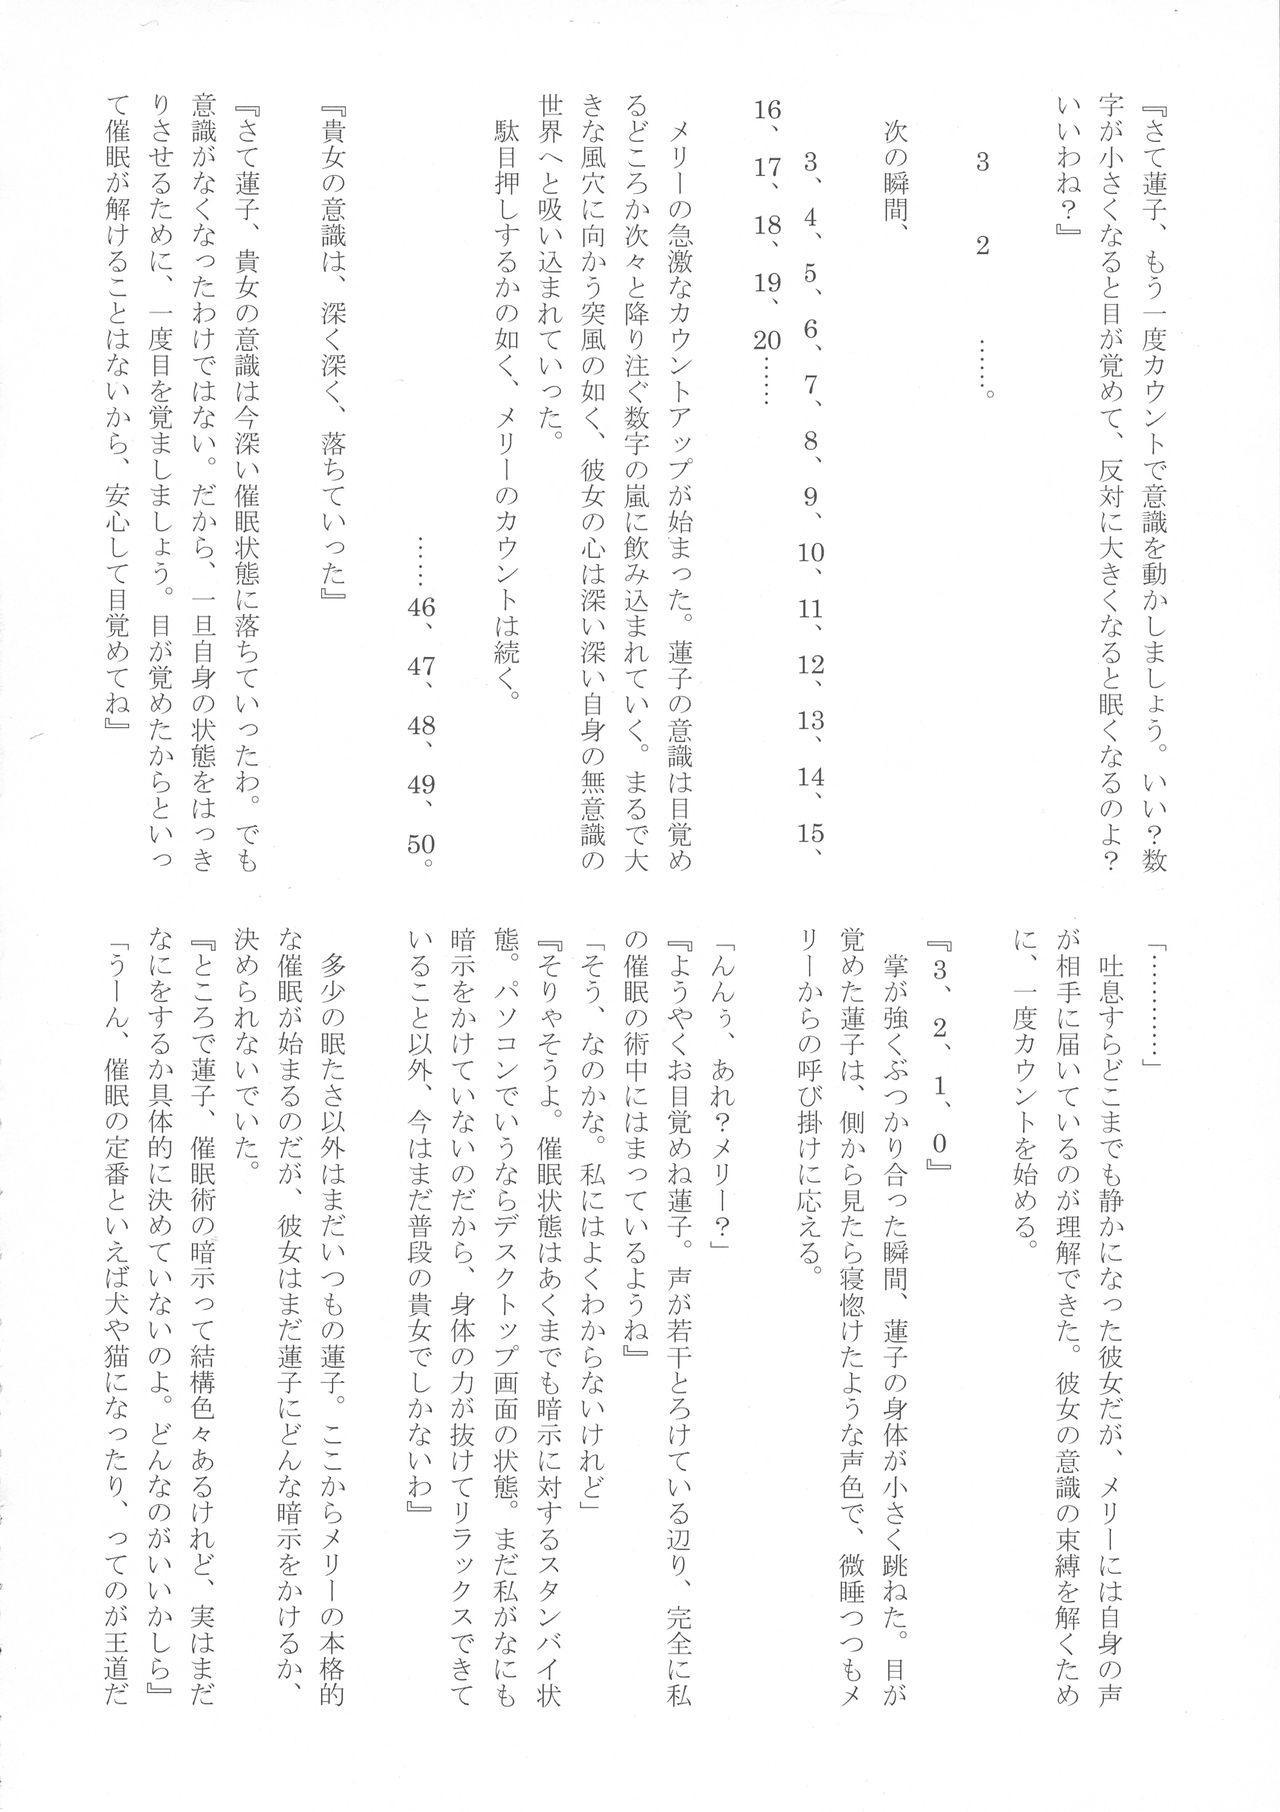 (Reitaisai 15) [HORIC WORKS (Various)] Touhou Bouchou-kei Sougou Goudou-shi `Boujo 2!!!!!!!!' (Touhou Project) 78